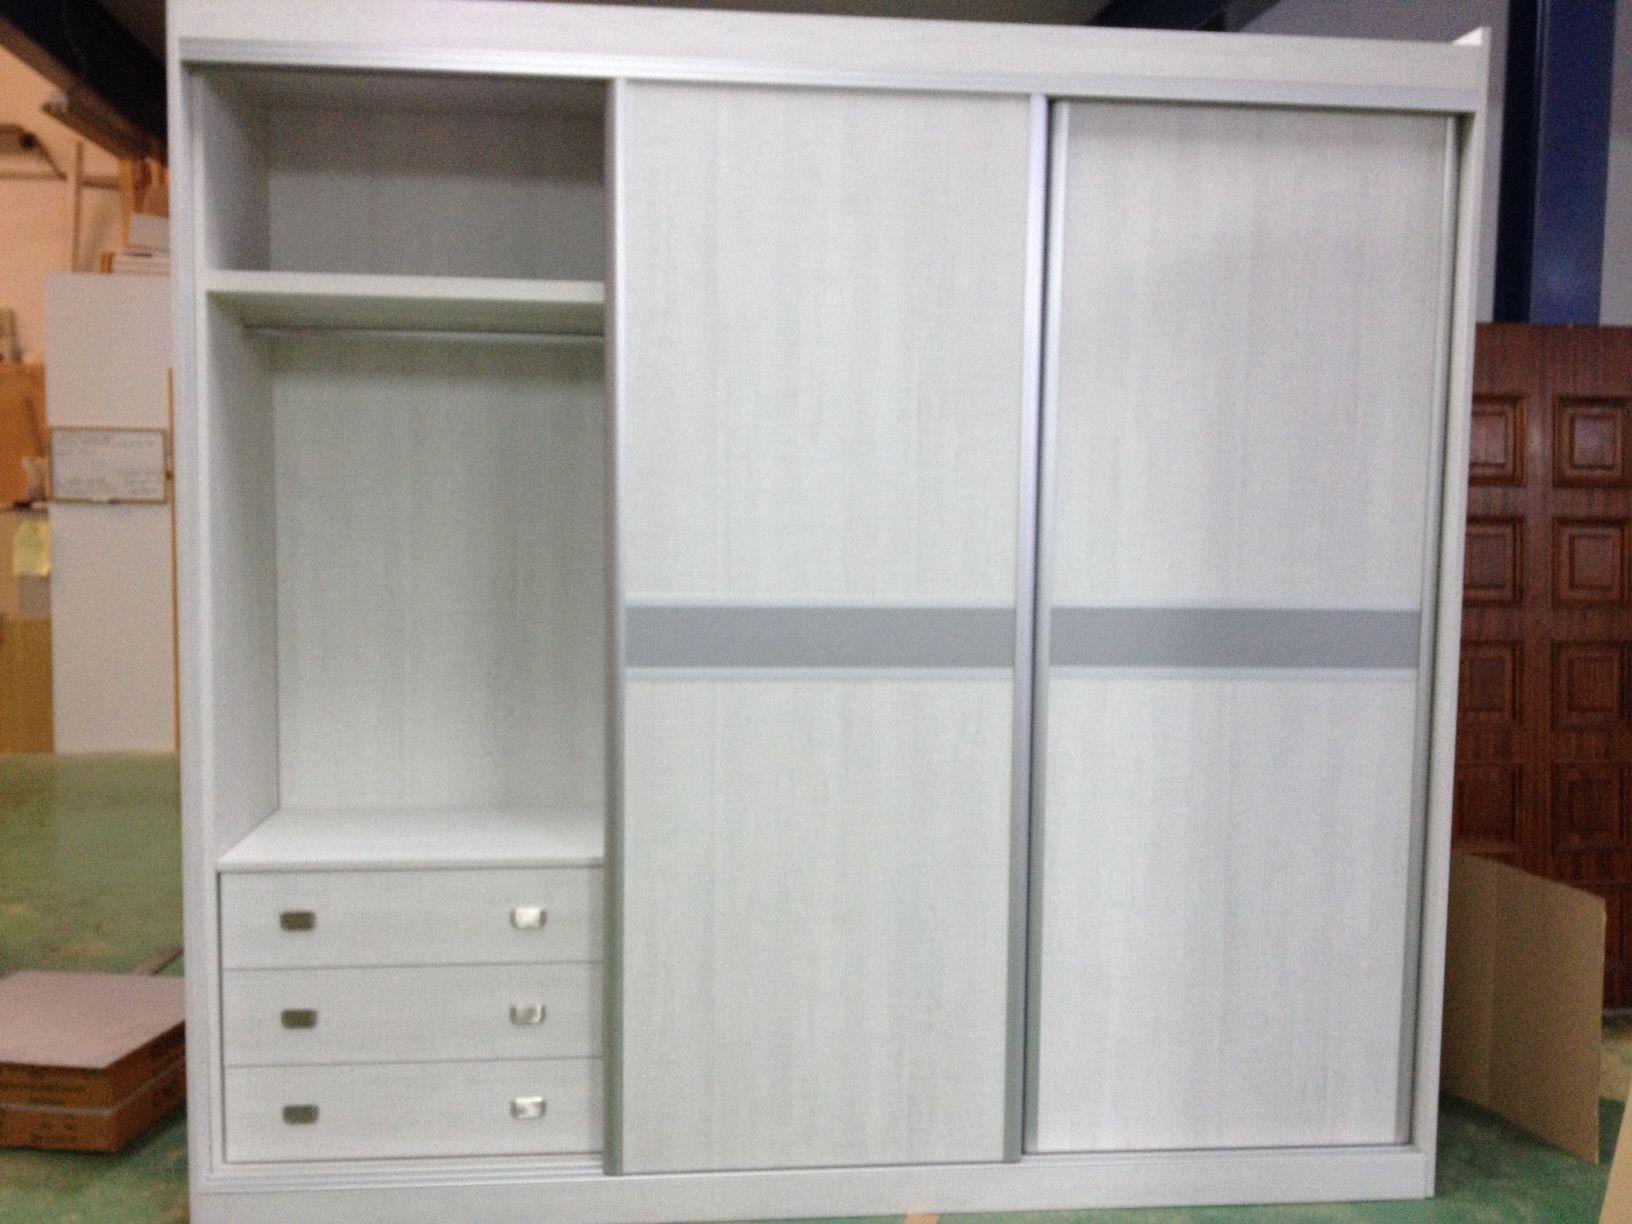 Interiores de armarios cat logo de cerrajer a y puertas for Accesorios para interiores de armarios de cocina